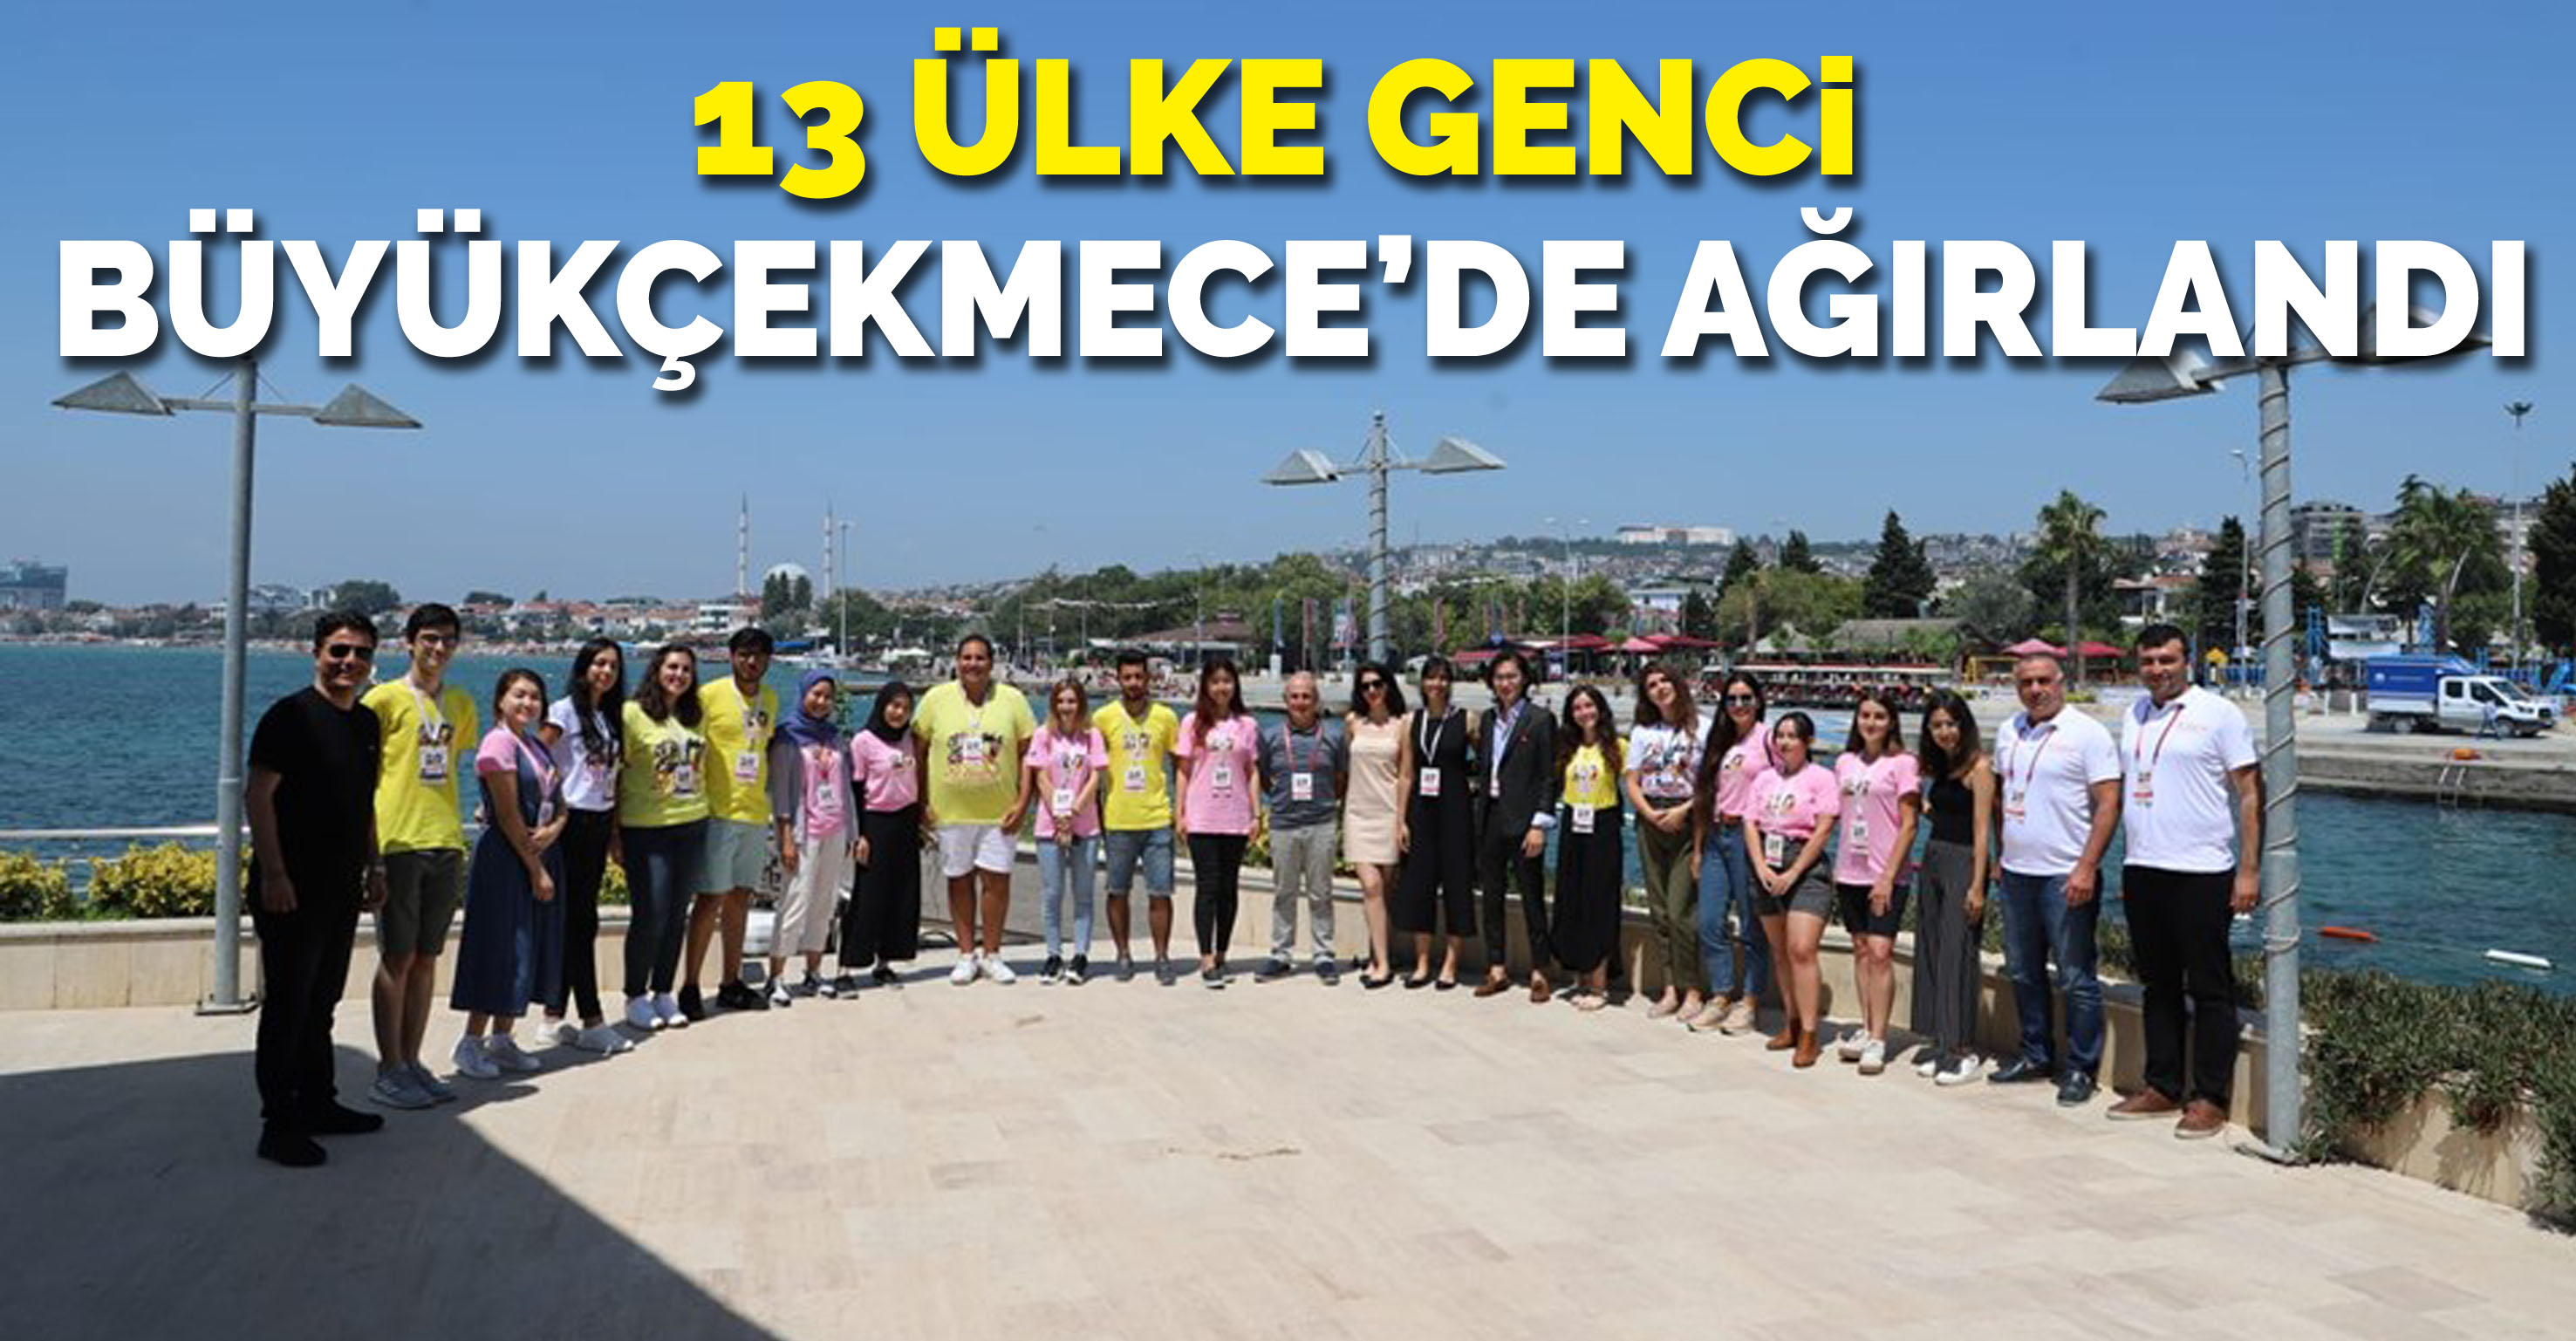 13 ülke genci Büyükçekmece'de ağırlandı